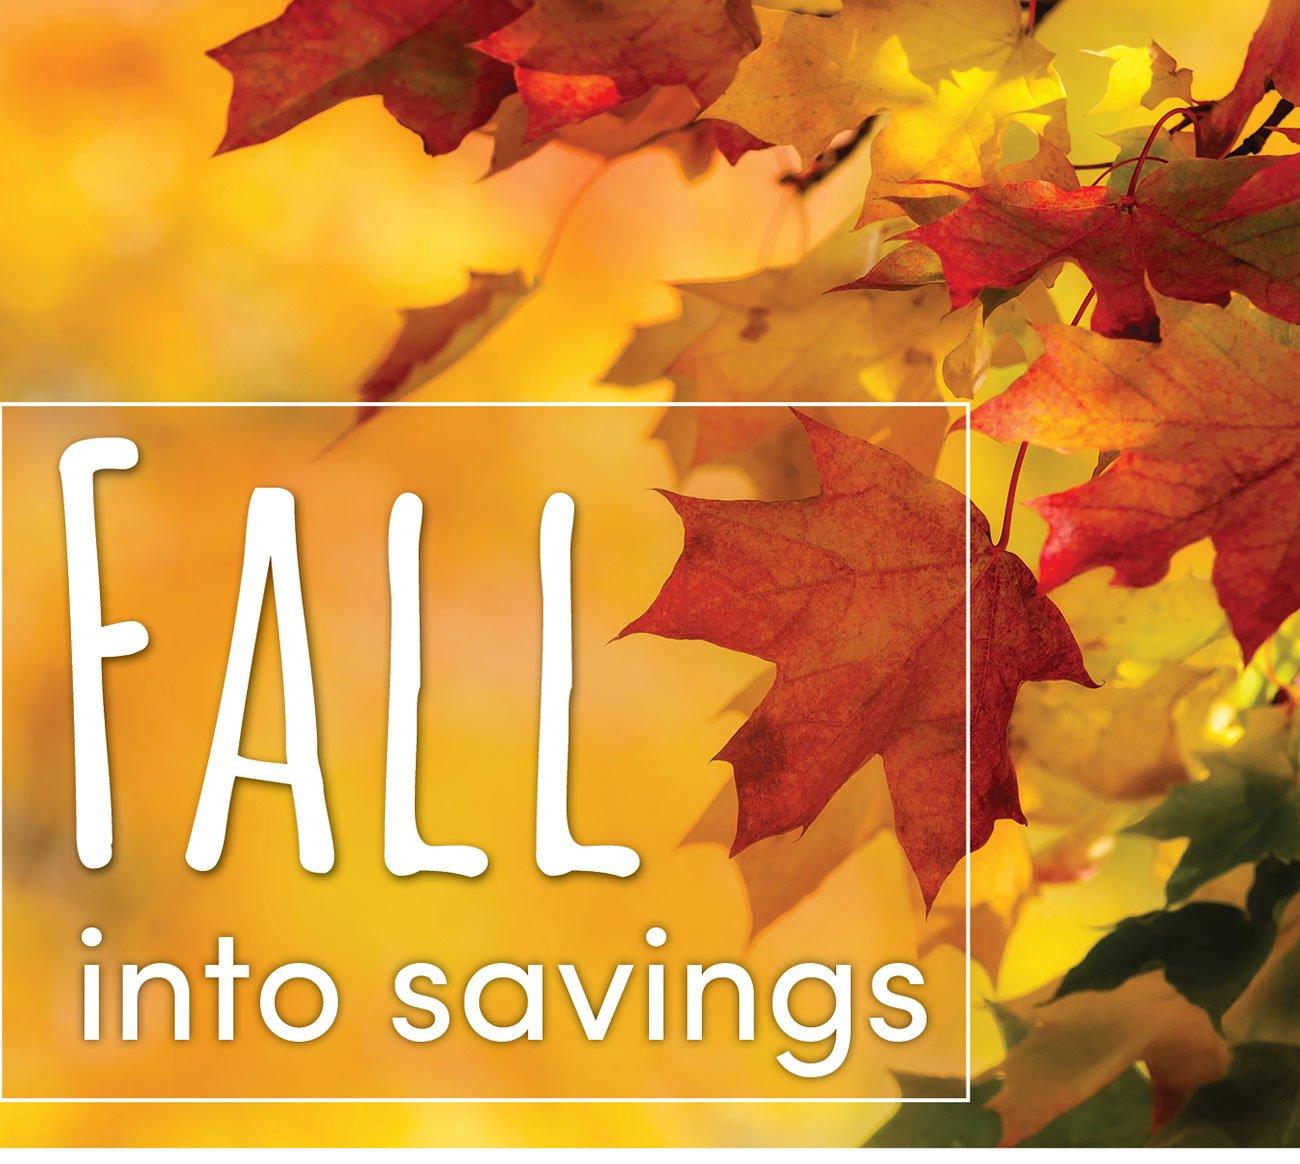 Fall-into-savings - Utopia Salon & Day SpaUtopia Salon & Day Spa